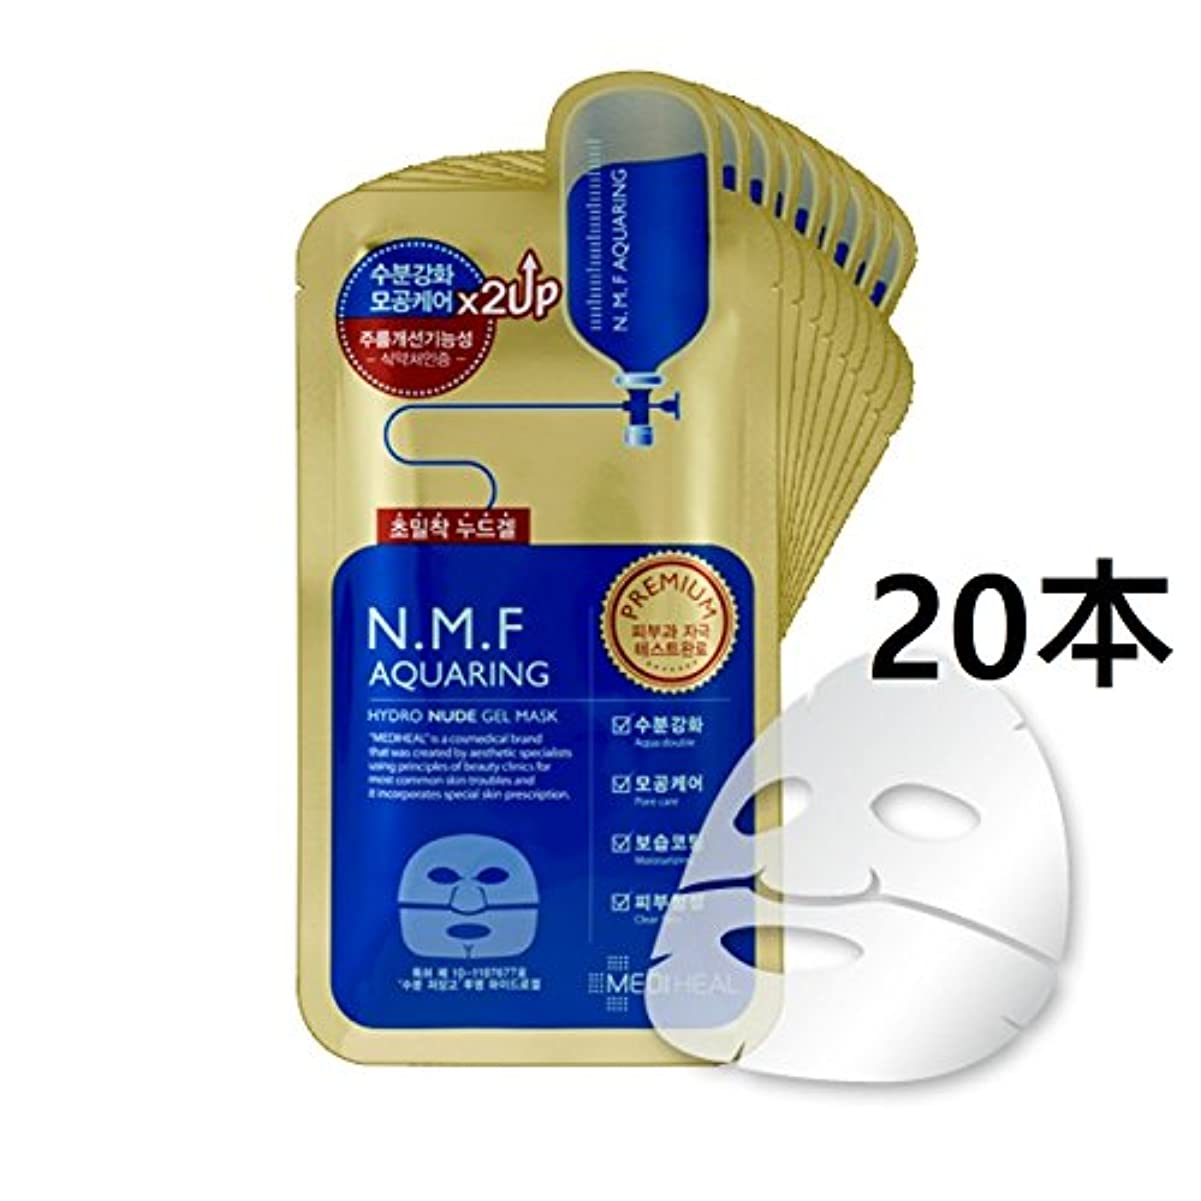 アンケート人質故障(10本+10本) MEDIHEAL メディヒール NMF アクアリング ヌード ゲルマスク (20枚) [Mediheal premium NMF AQUARING Hydro Nude Gel 10ea + 10ea...